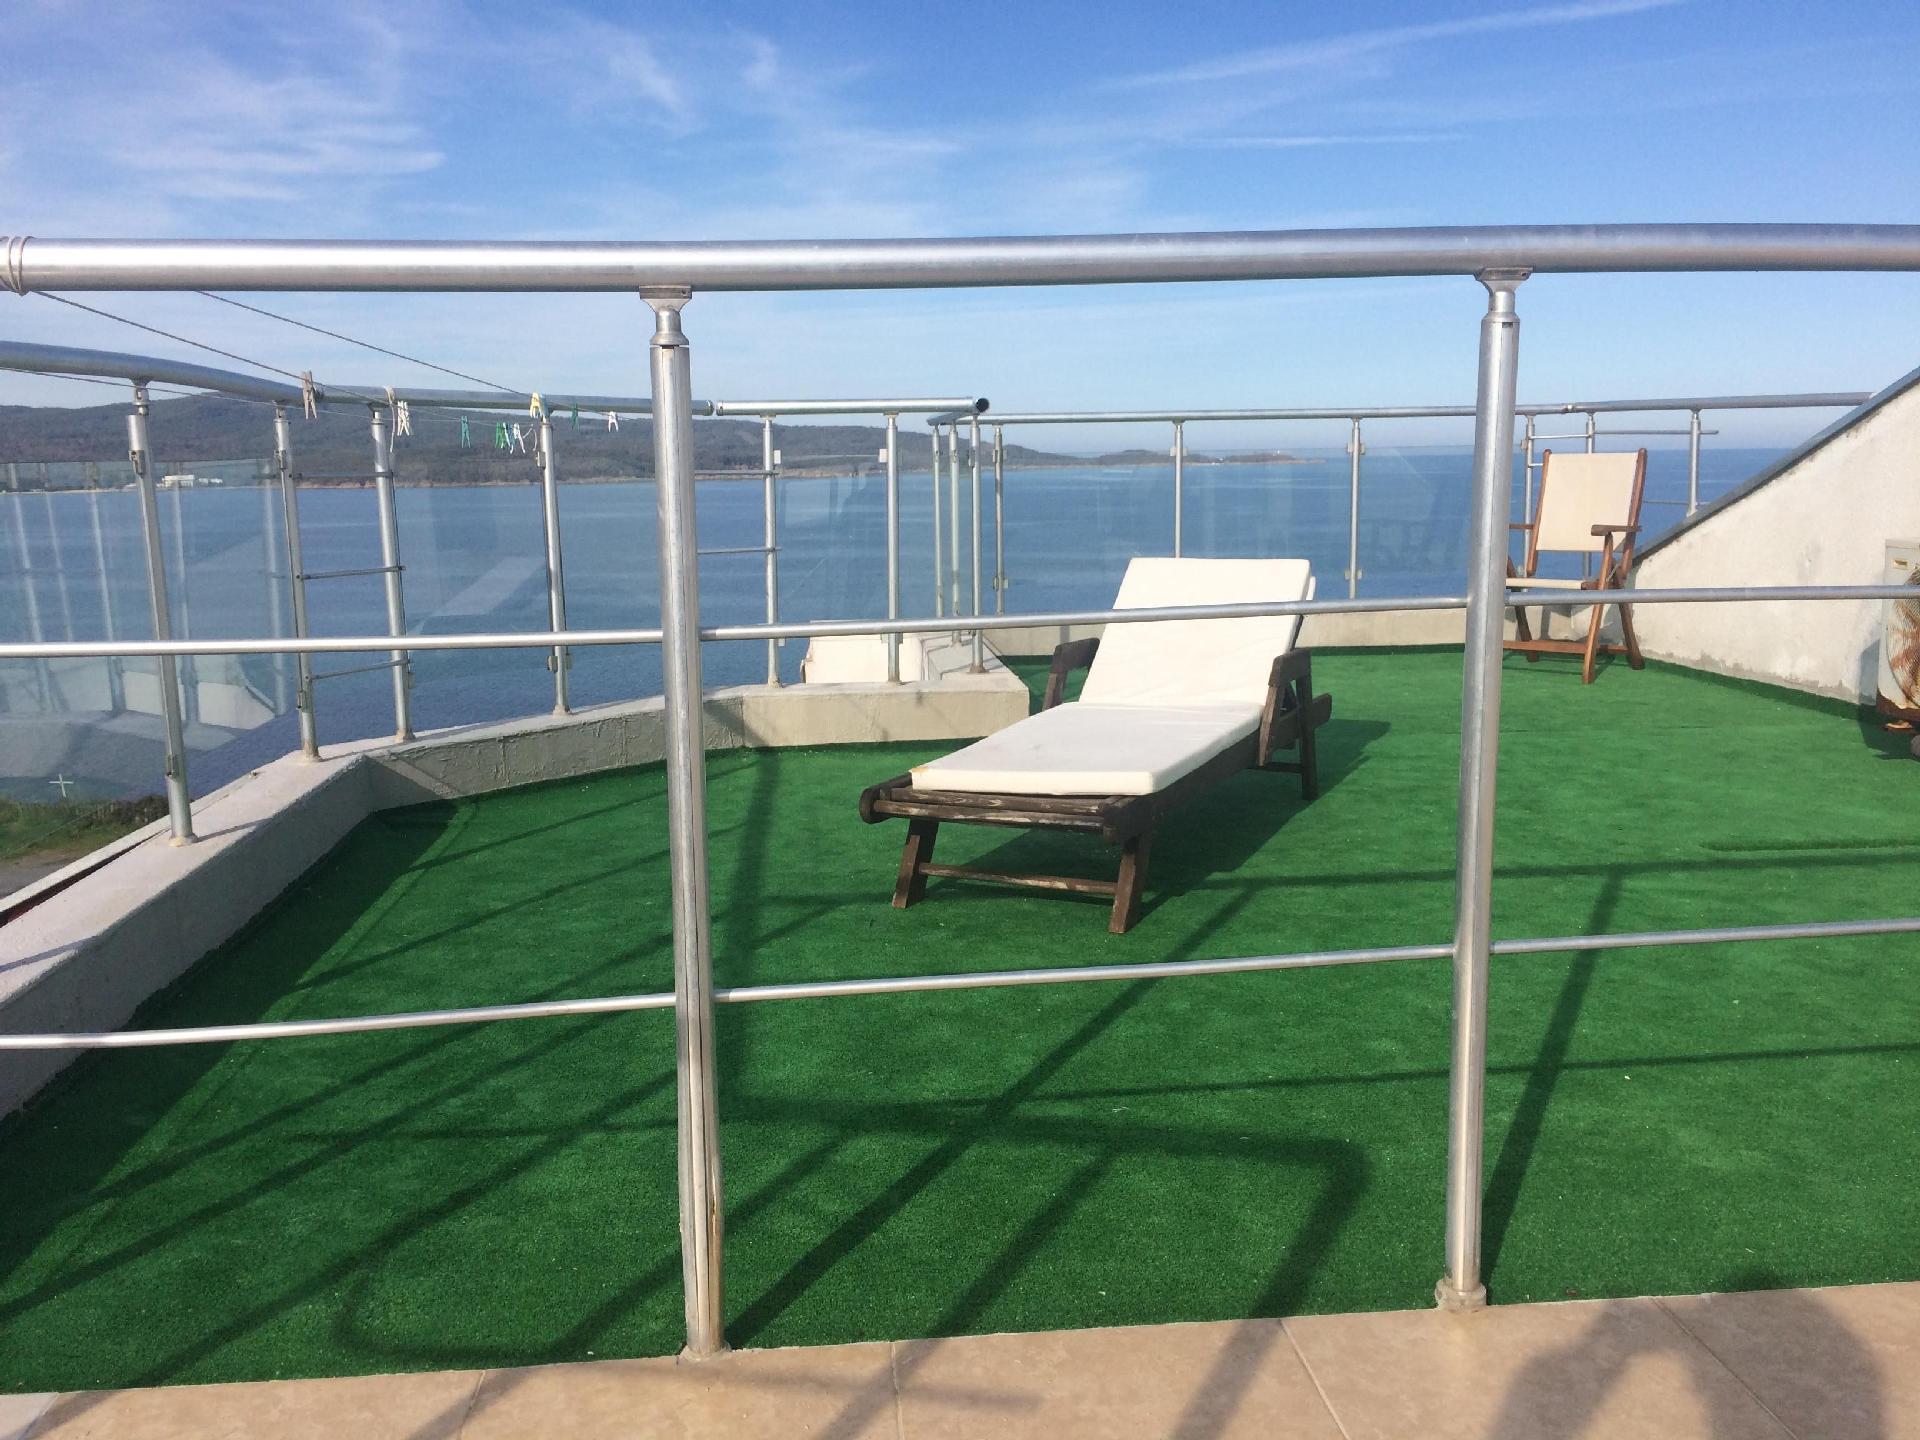 Ferienwohnung für 4 Personen ca 100 m² in Primorsko Schwarzmeerküste Bulgarien Südliche Schwarzmeerküste